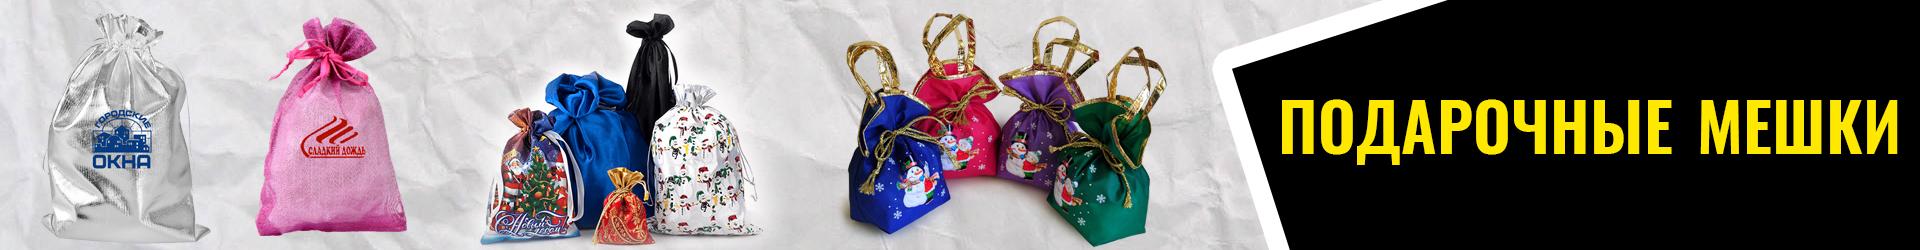 Подарочные мешки с фото